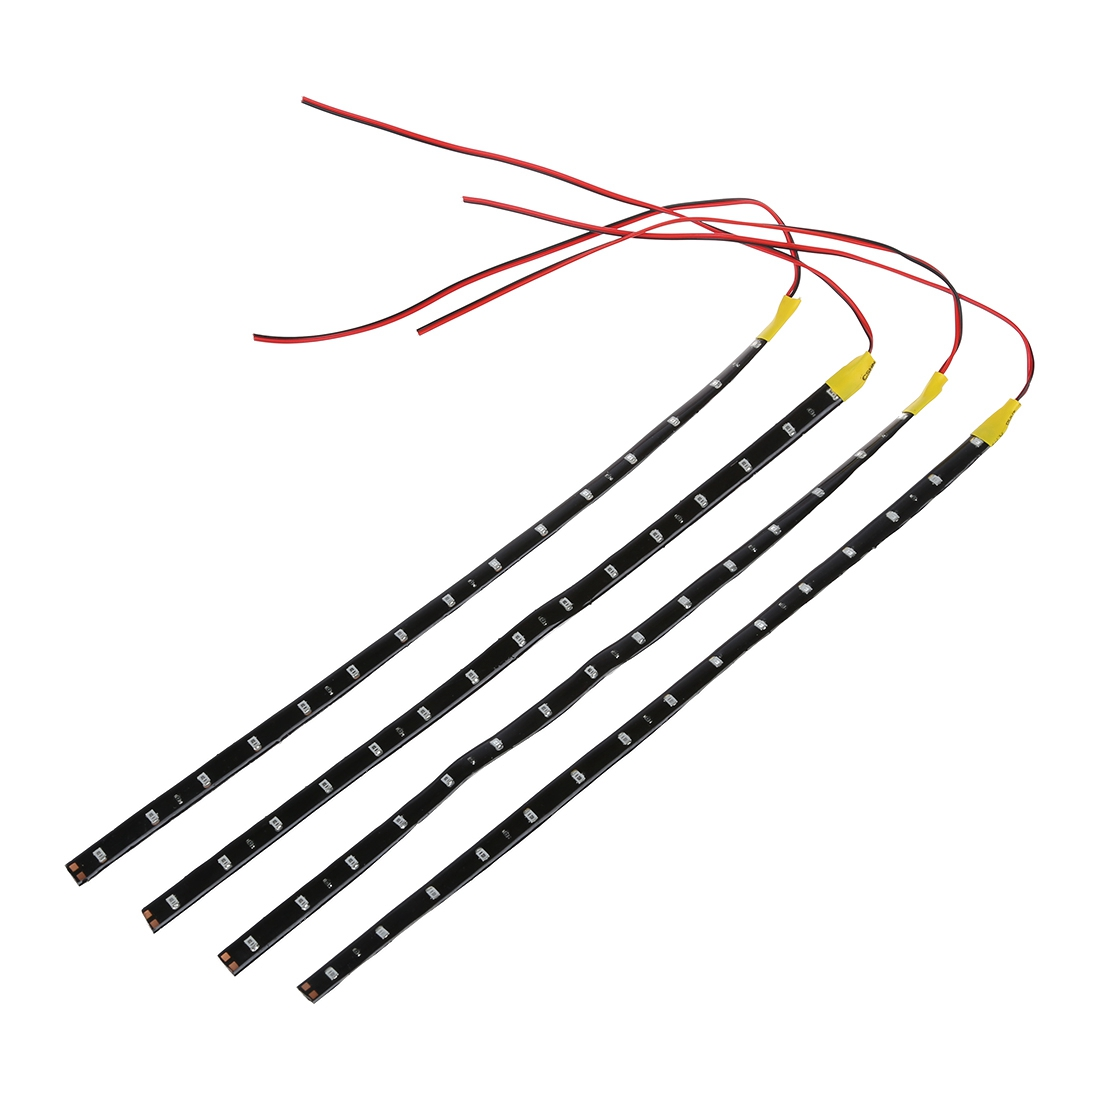 Led Strip Light Wiring Diagram 53vt95. Led Light Strip